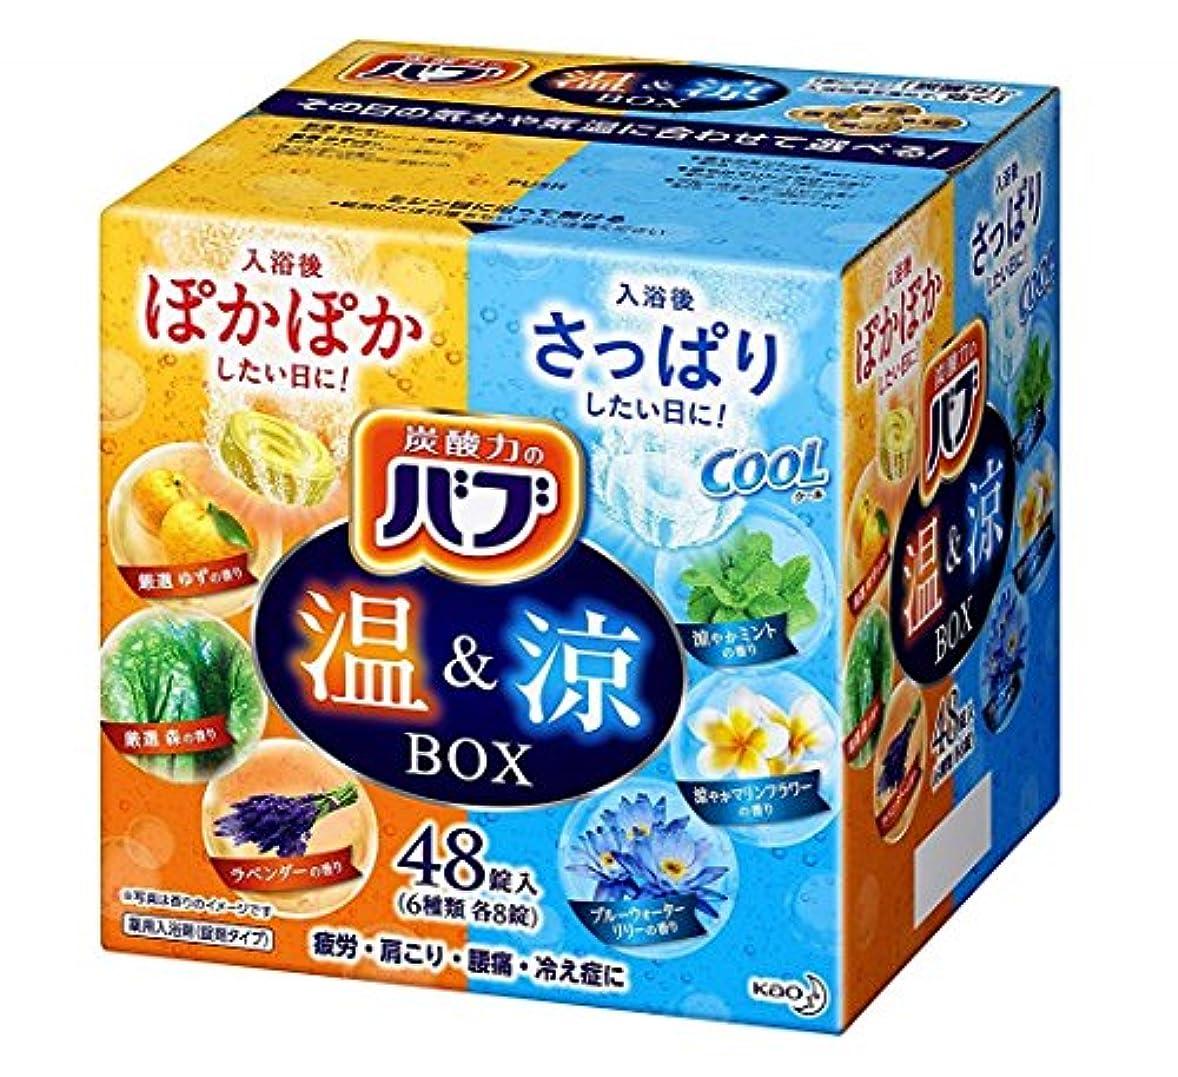 合図ヨーグルト修正【大容量】バブ 温&涼BOX 48錠 炭酸入浴剤